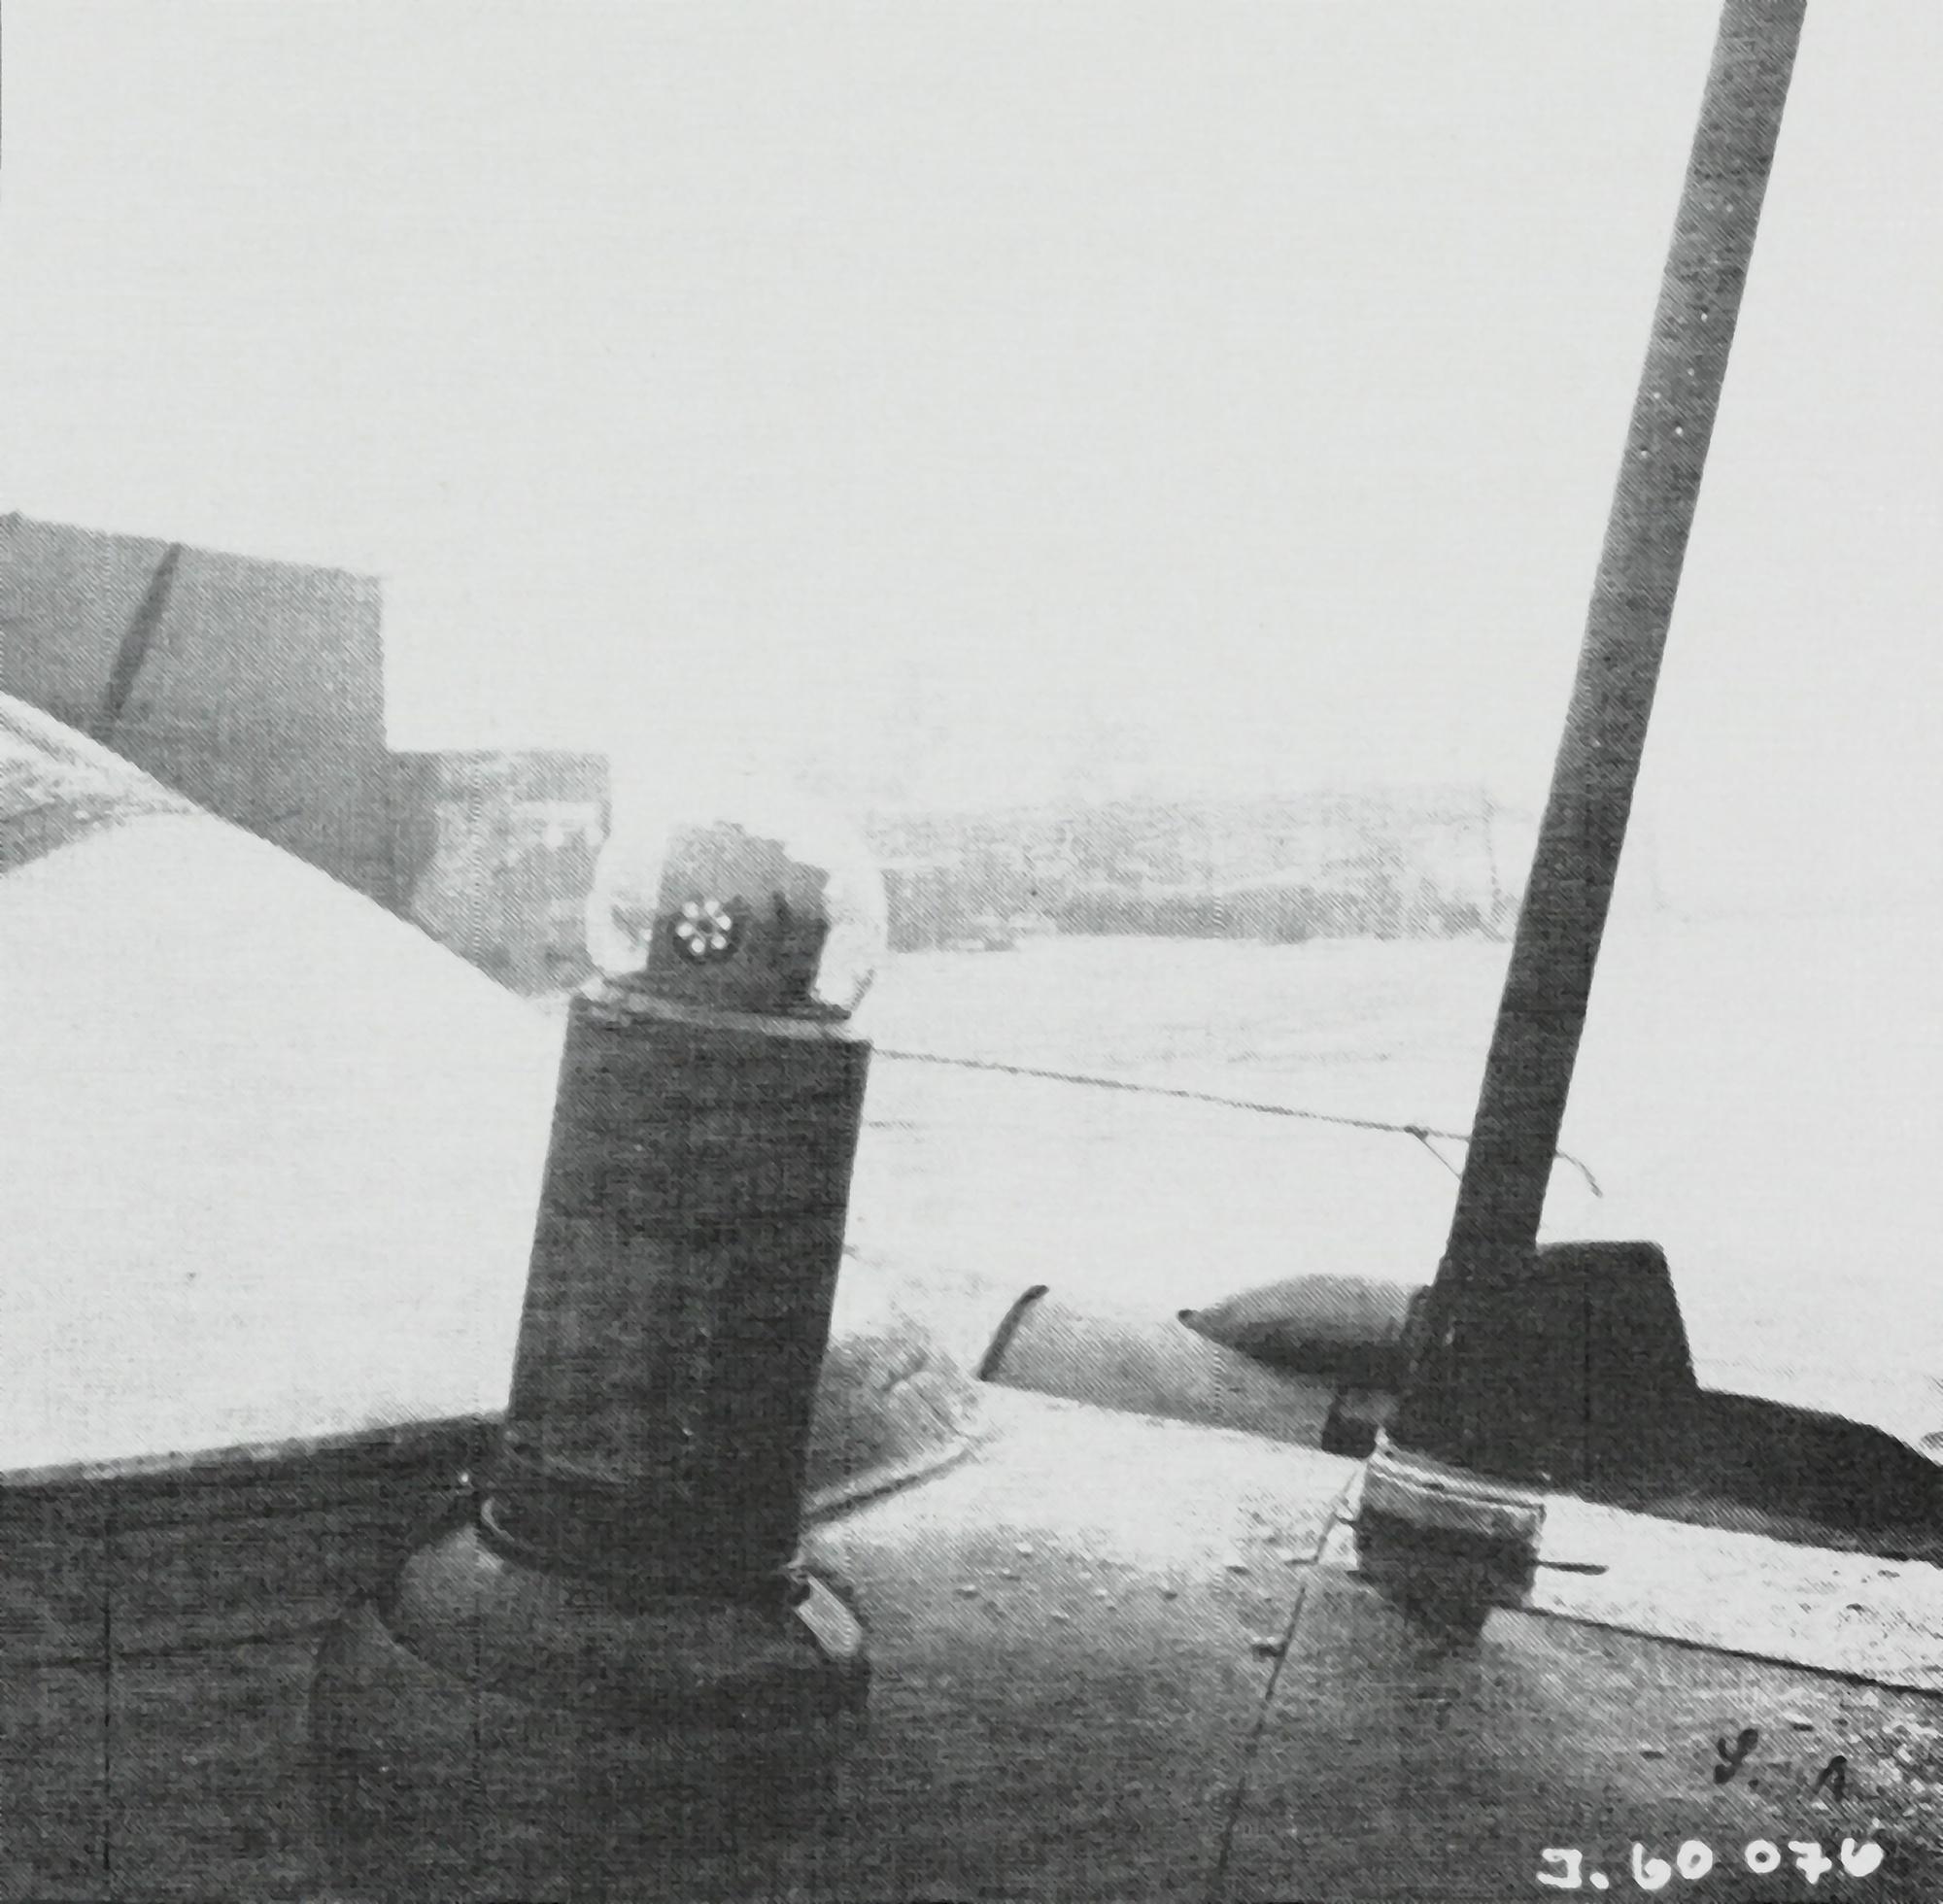 PVE 11 oberer Ausguck - Ju 388